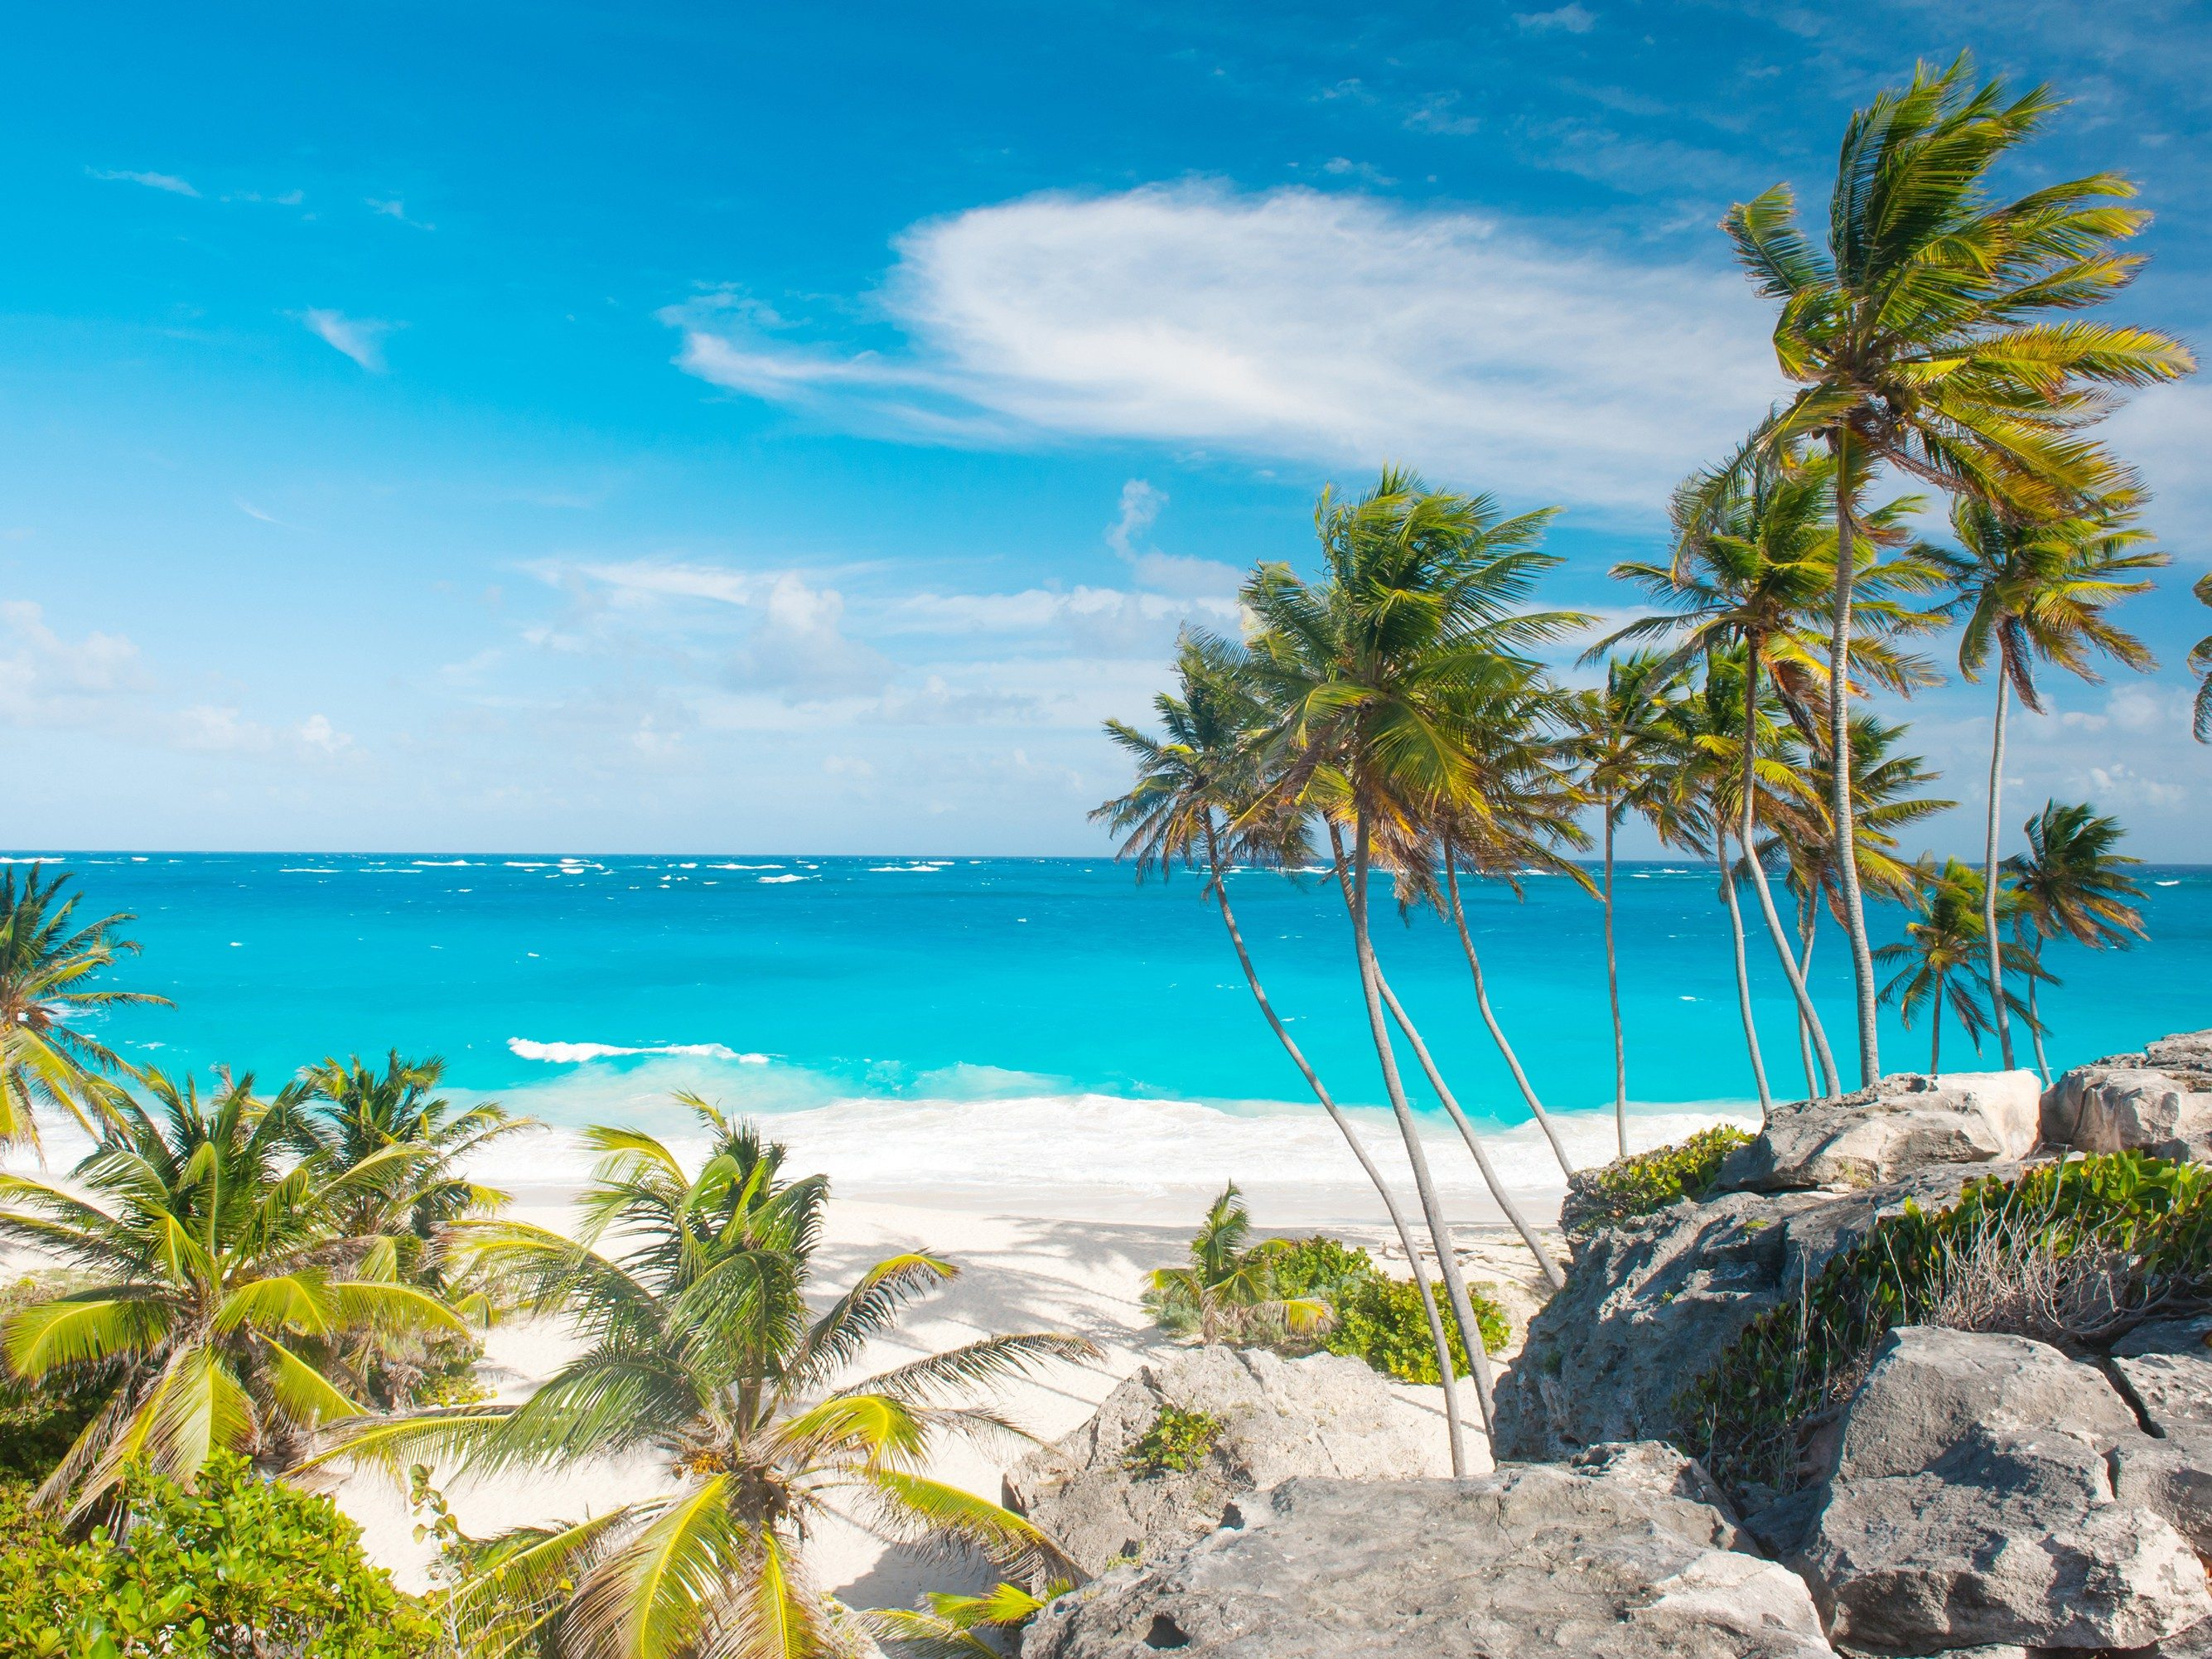 6. Barbados